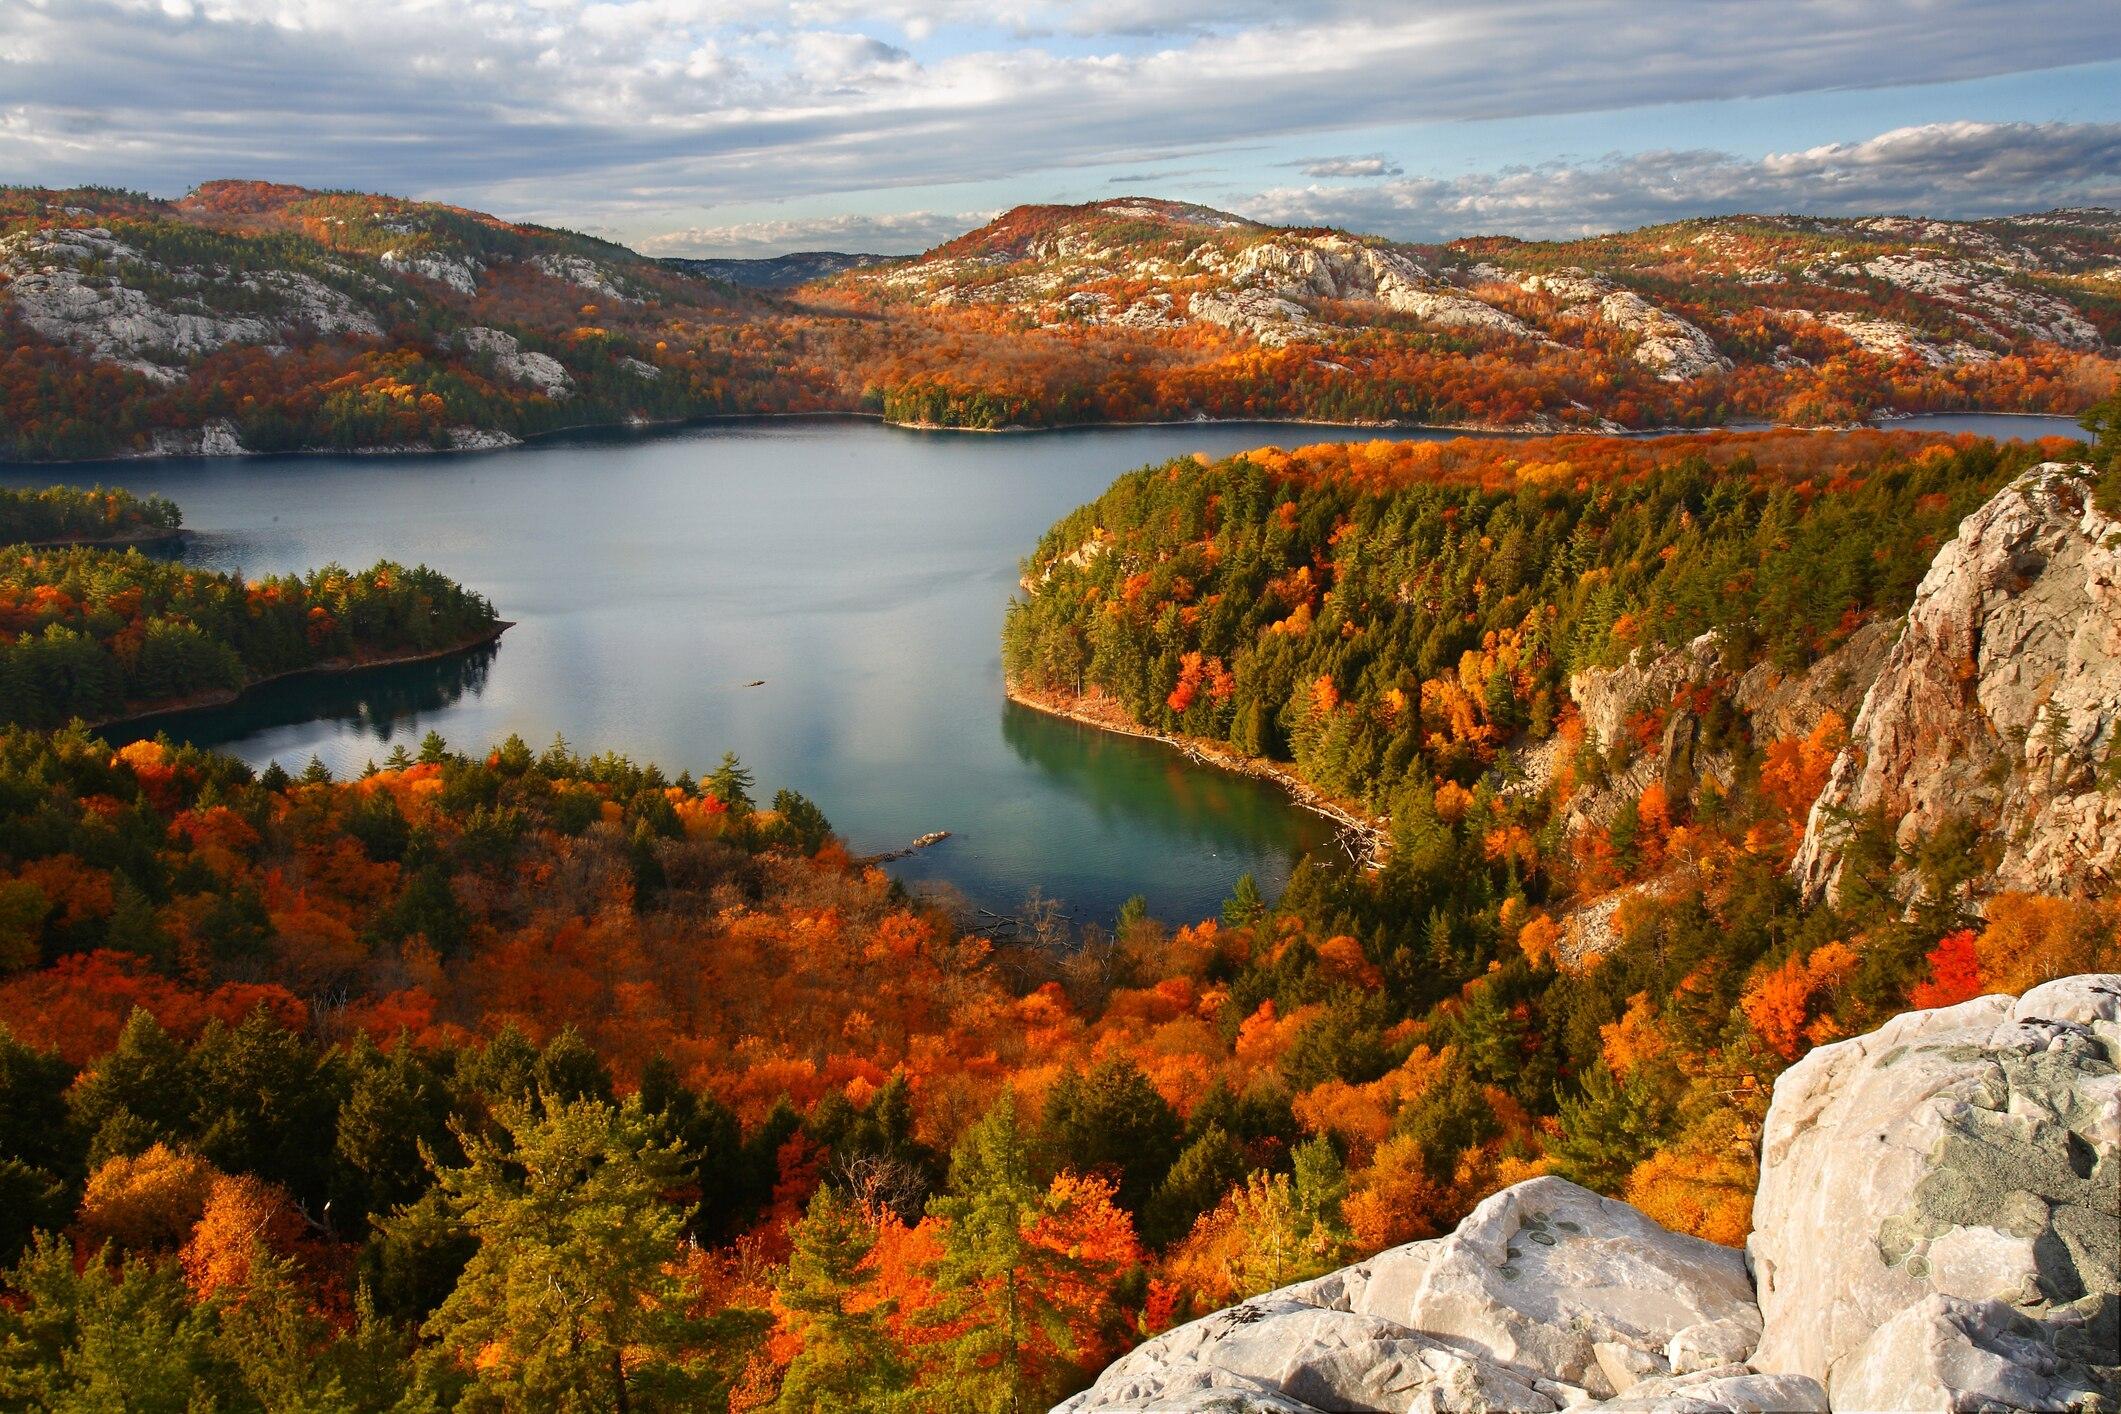 Maine Fall Foliage Wallpaper Einreise Nach Kanada Das M 252 Ssen Sie 252 Ber Eta Wissen